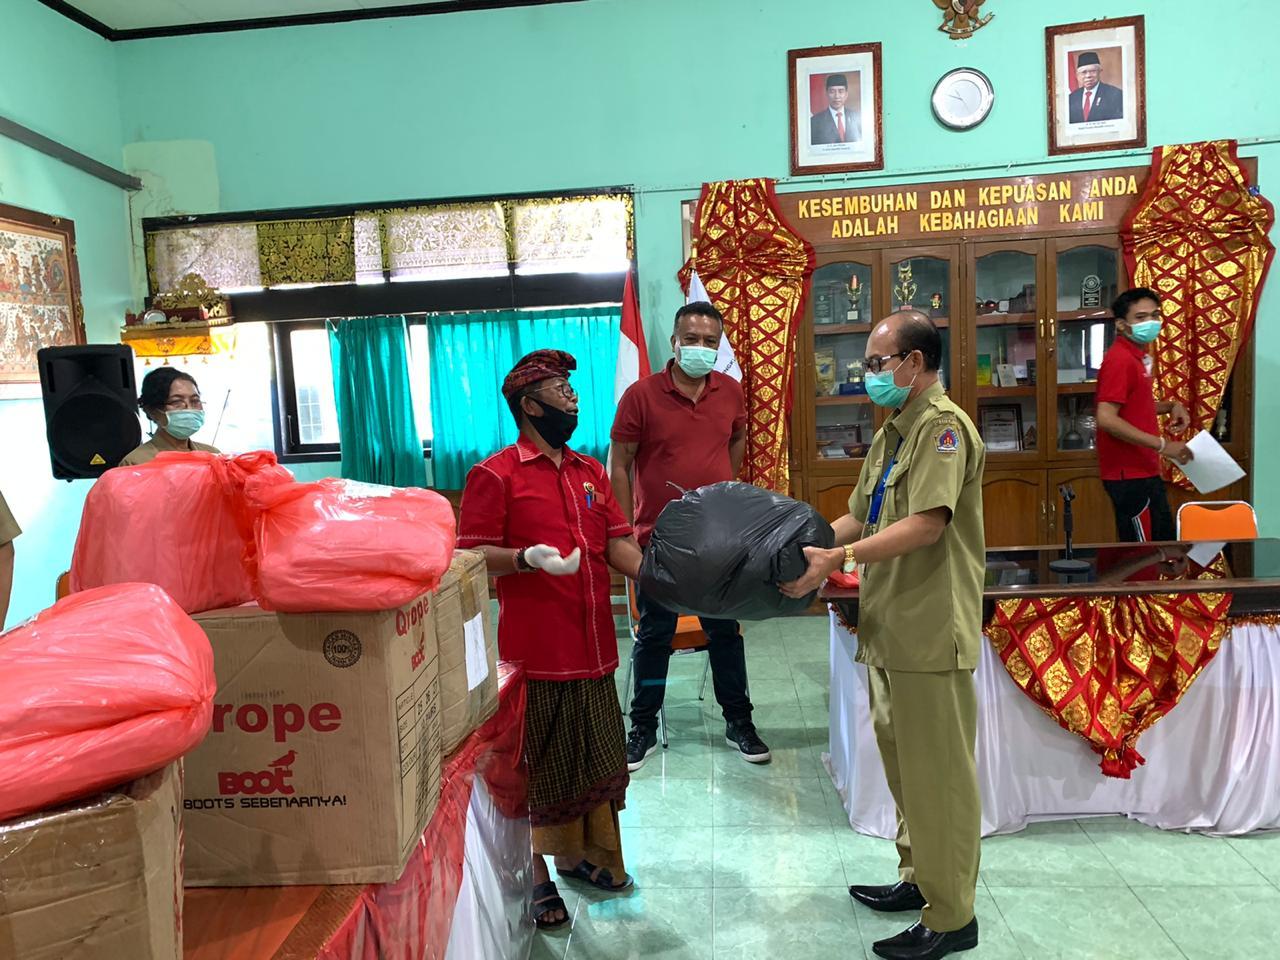 COKORDA Gede Agung (mengenakan udeng) didampingi Ketua DPC PDIP Klungkung, AA Gede Anom, saat menyerahkan bantuan pakaian APD, masker, dan pembersih tangan ke instalasi medis di Klungkung, Senin (13/4/2020). Foto: Ist